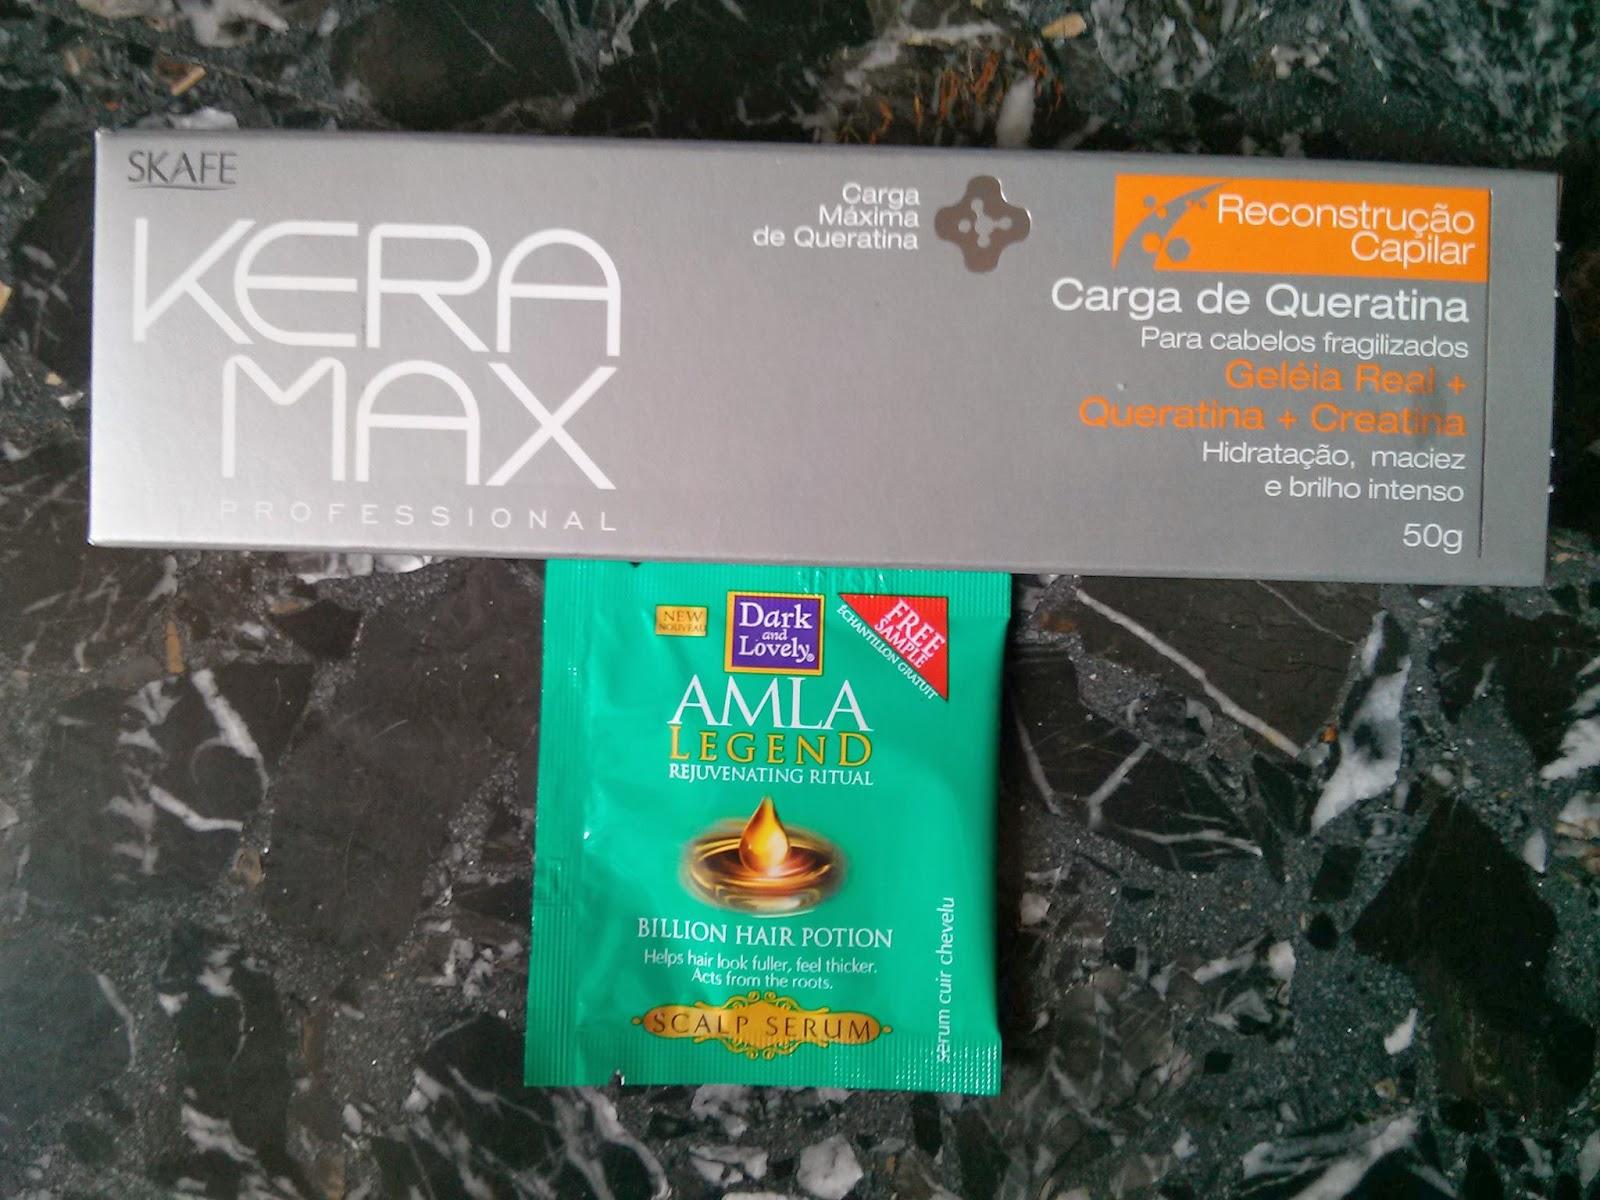 Carga Keratina Reconstrucción Keramax de Brasil y Belleza